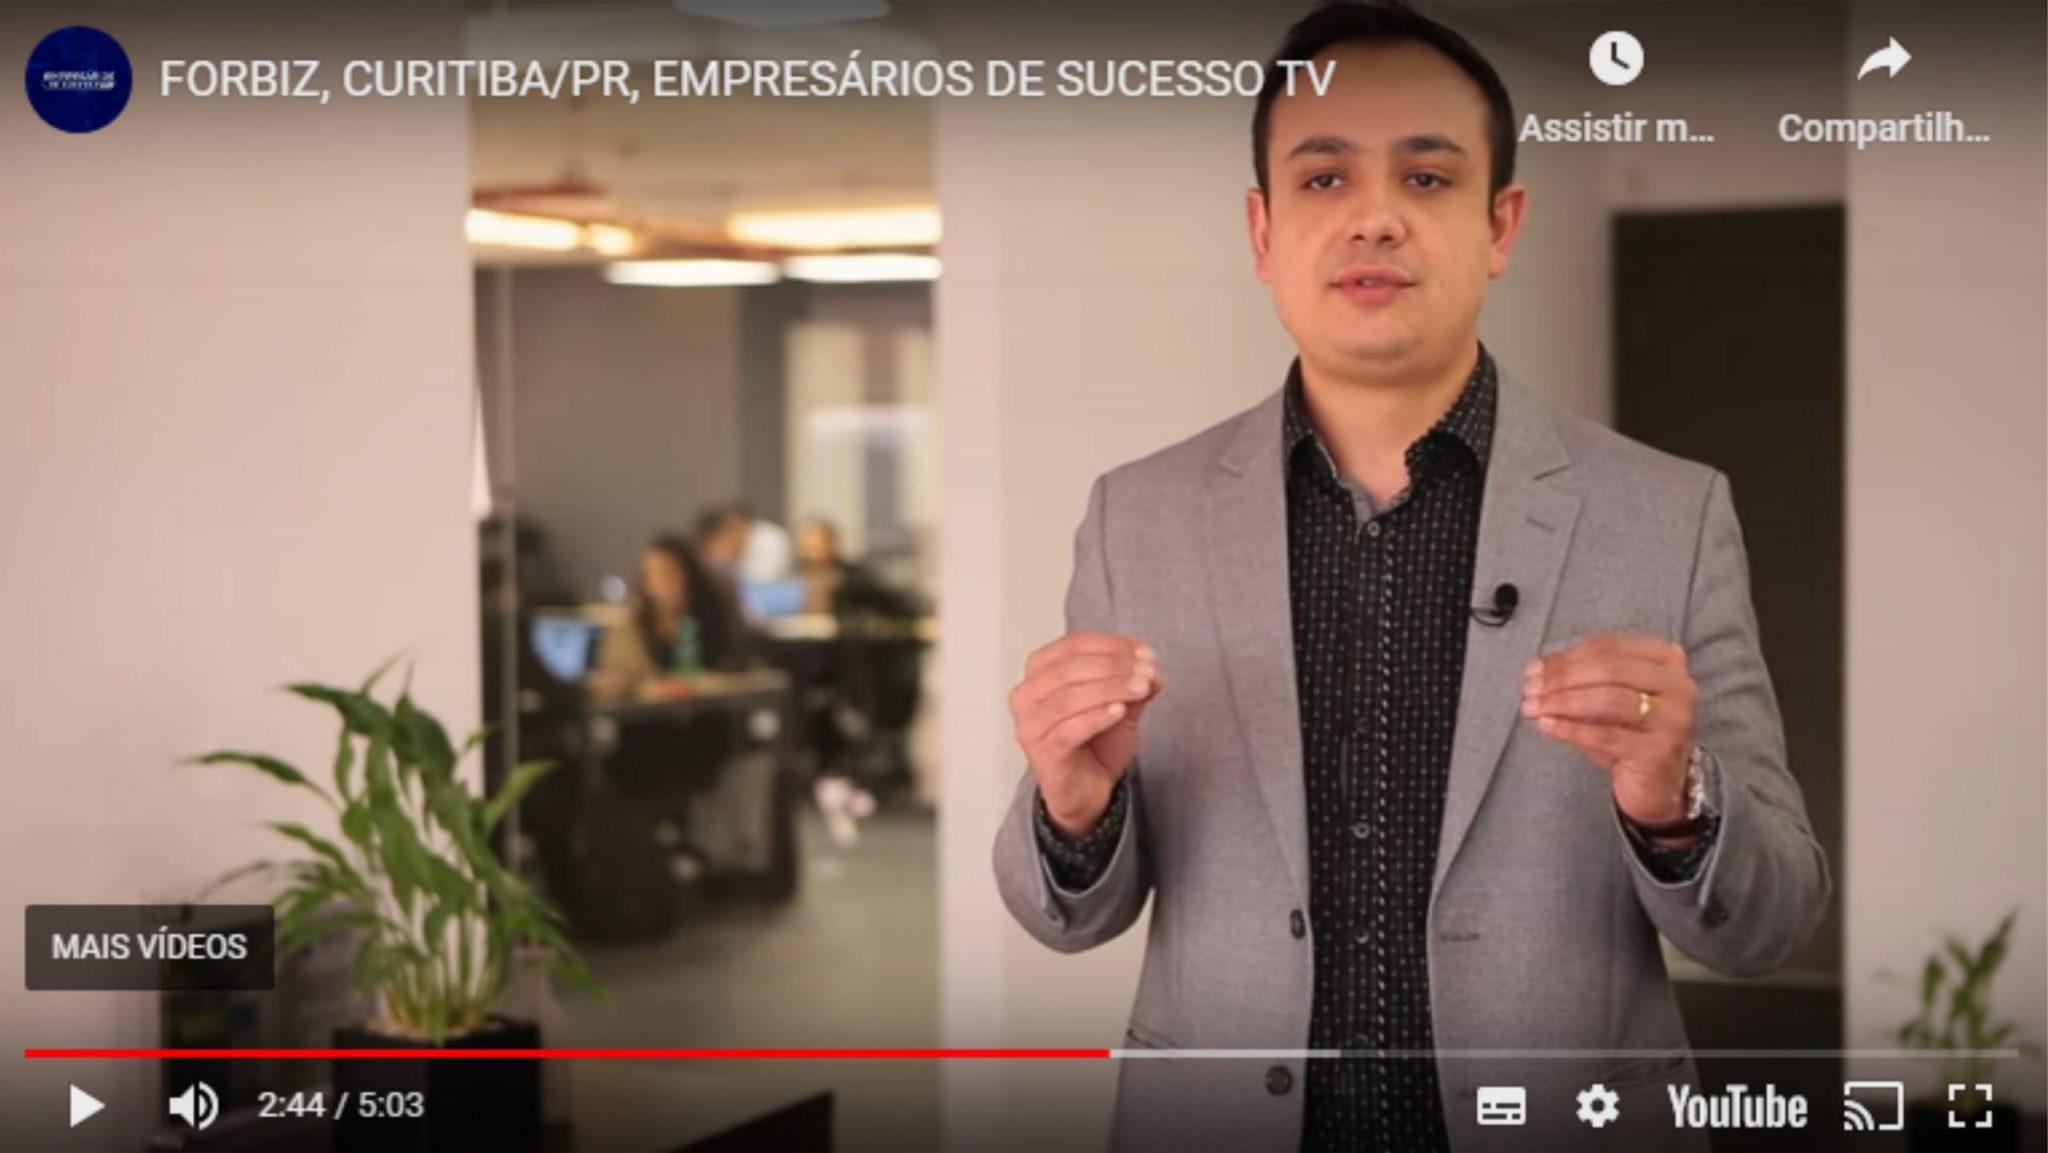 Empresarios de sucesso